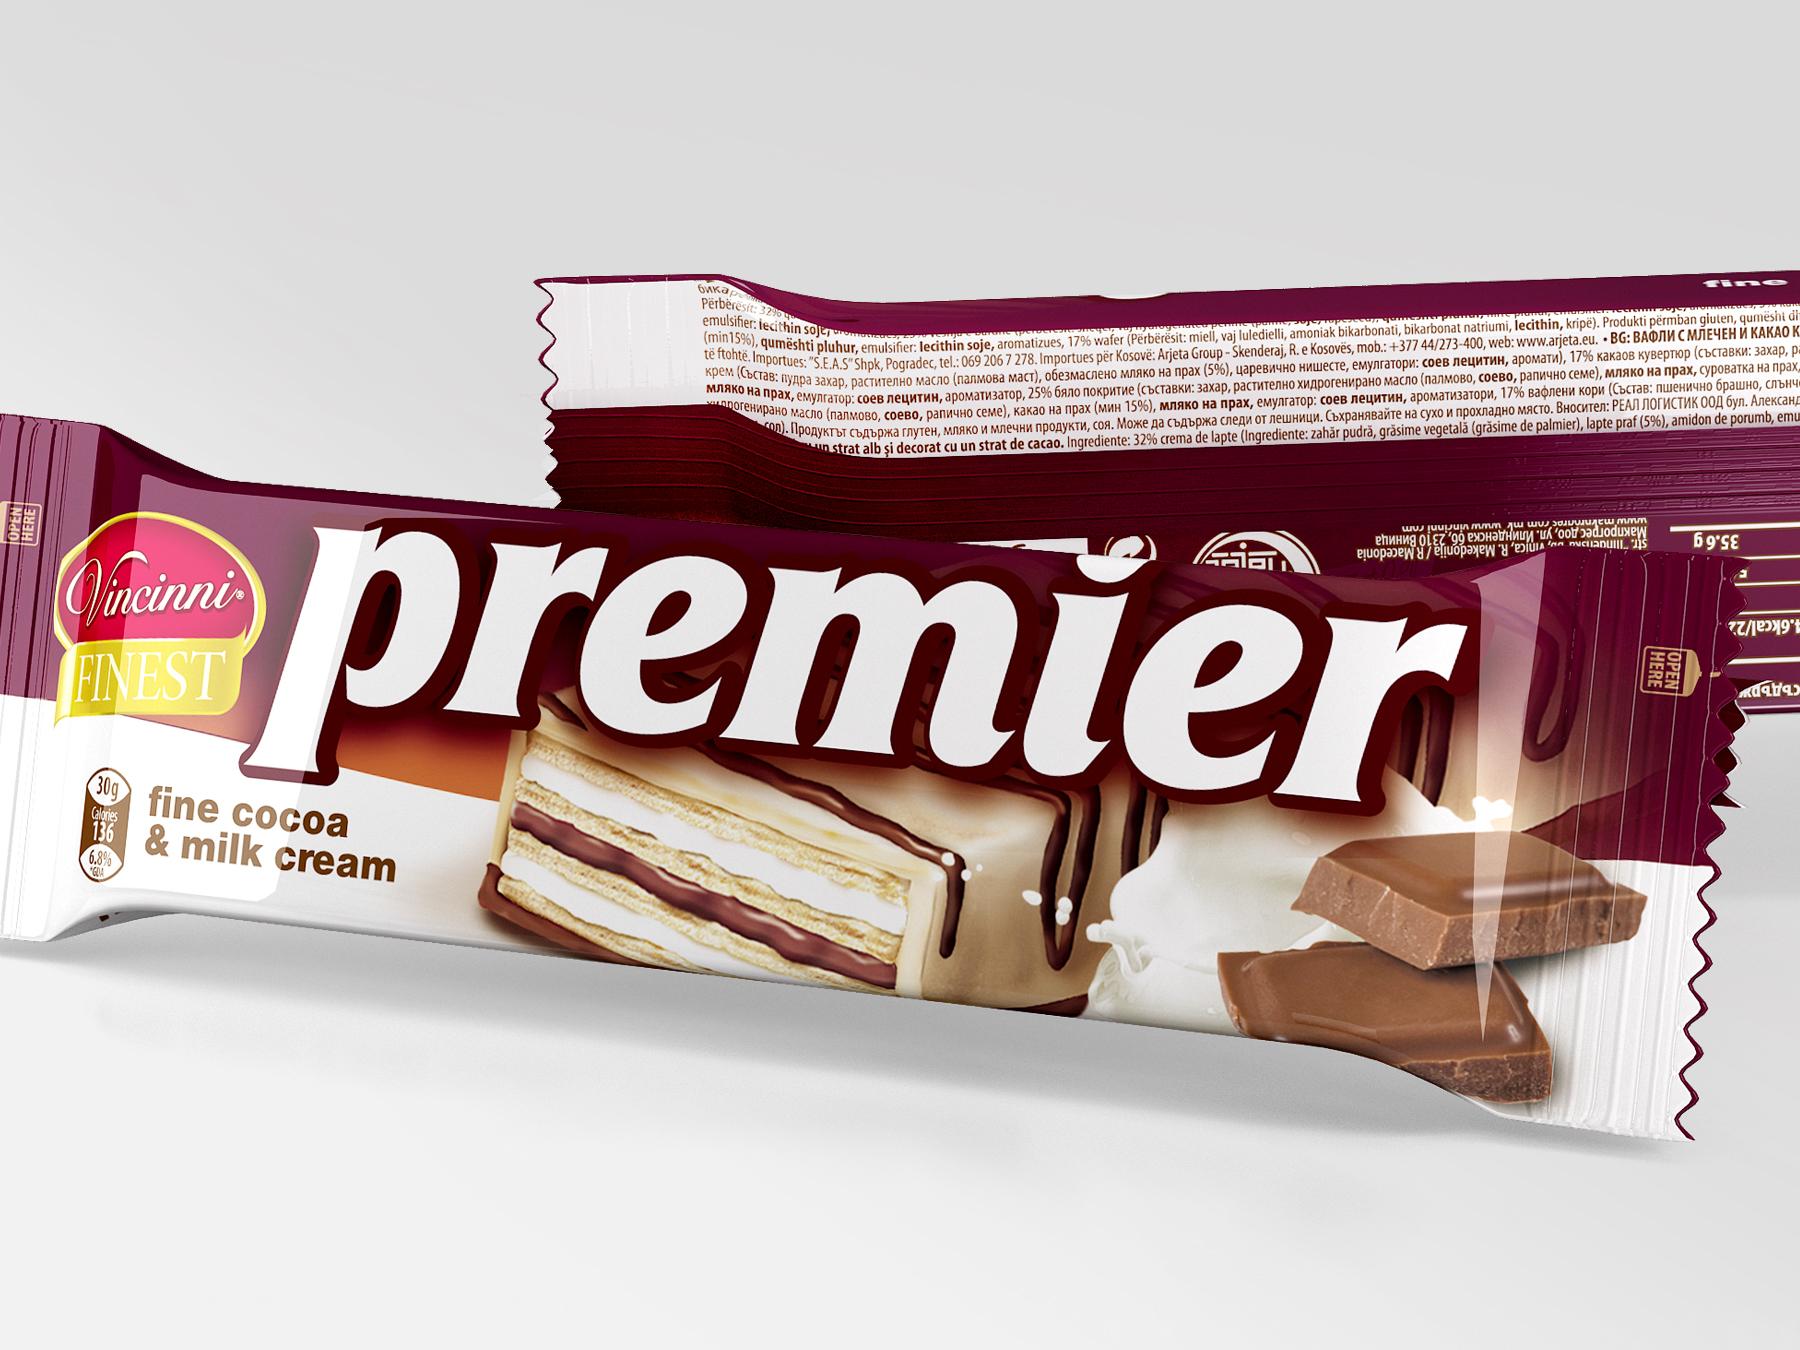 Vincninni Premier wafers packaging design. Client: Makprogres